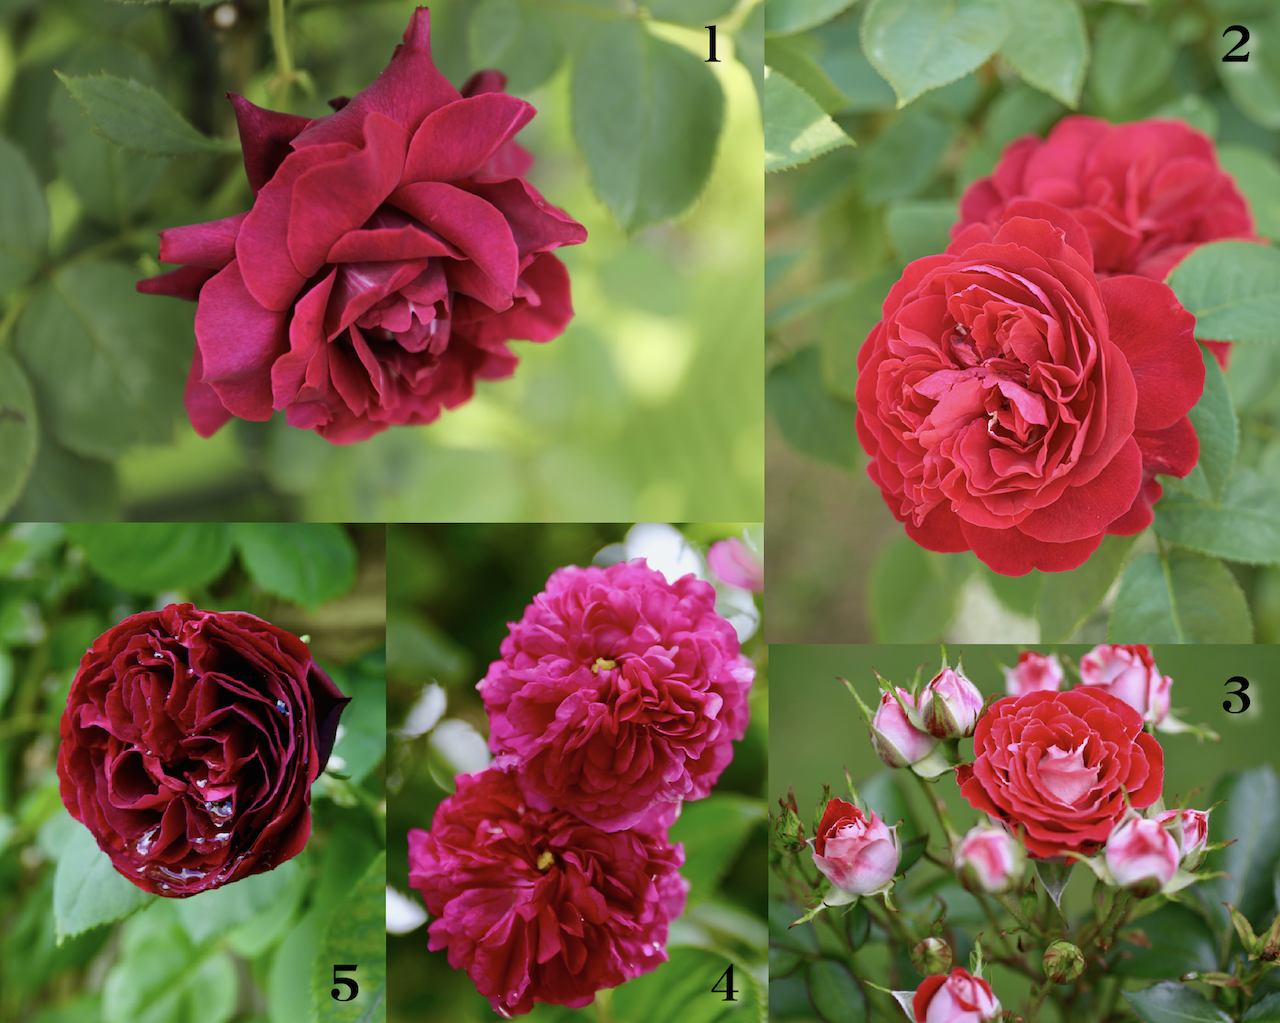 花 言葉 薔薇 赤い